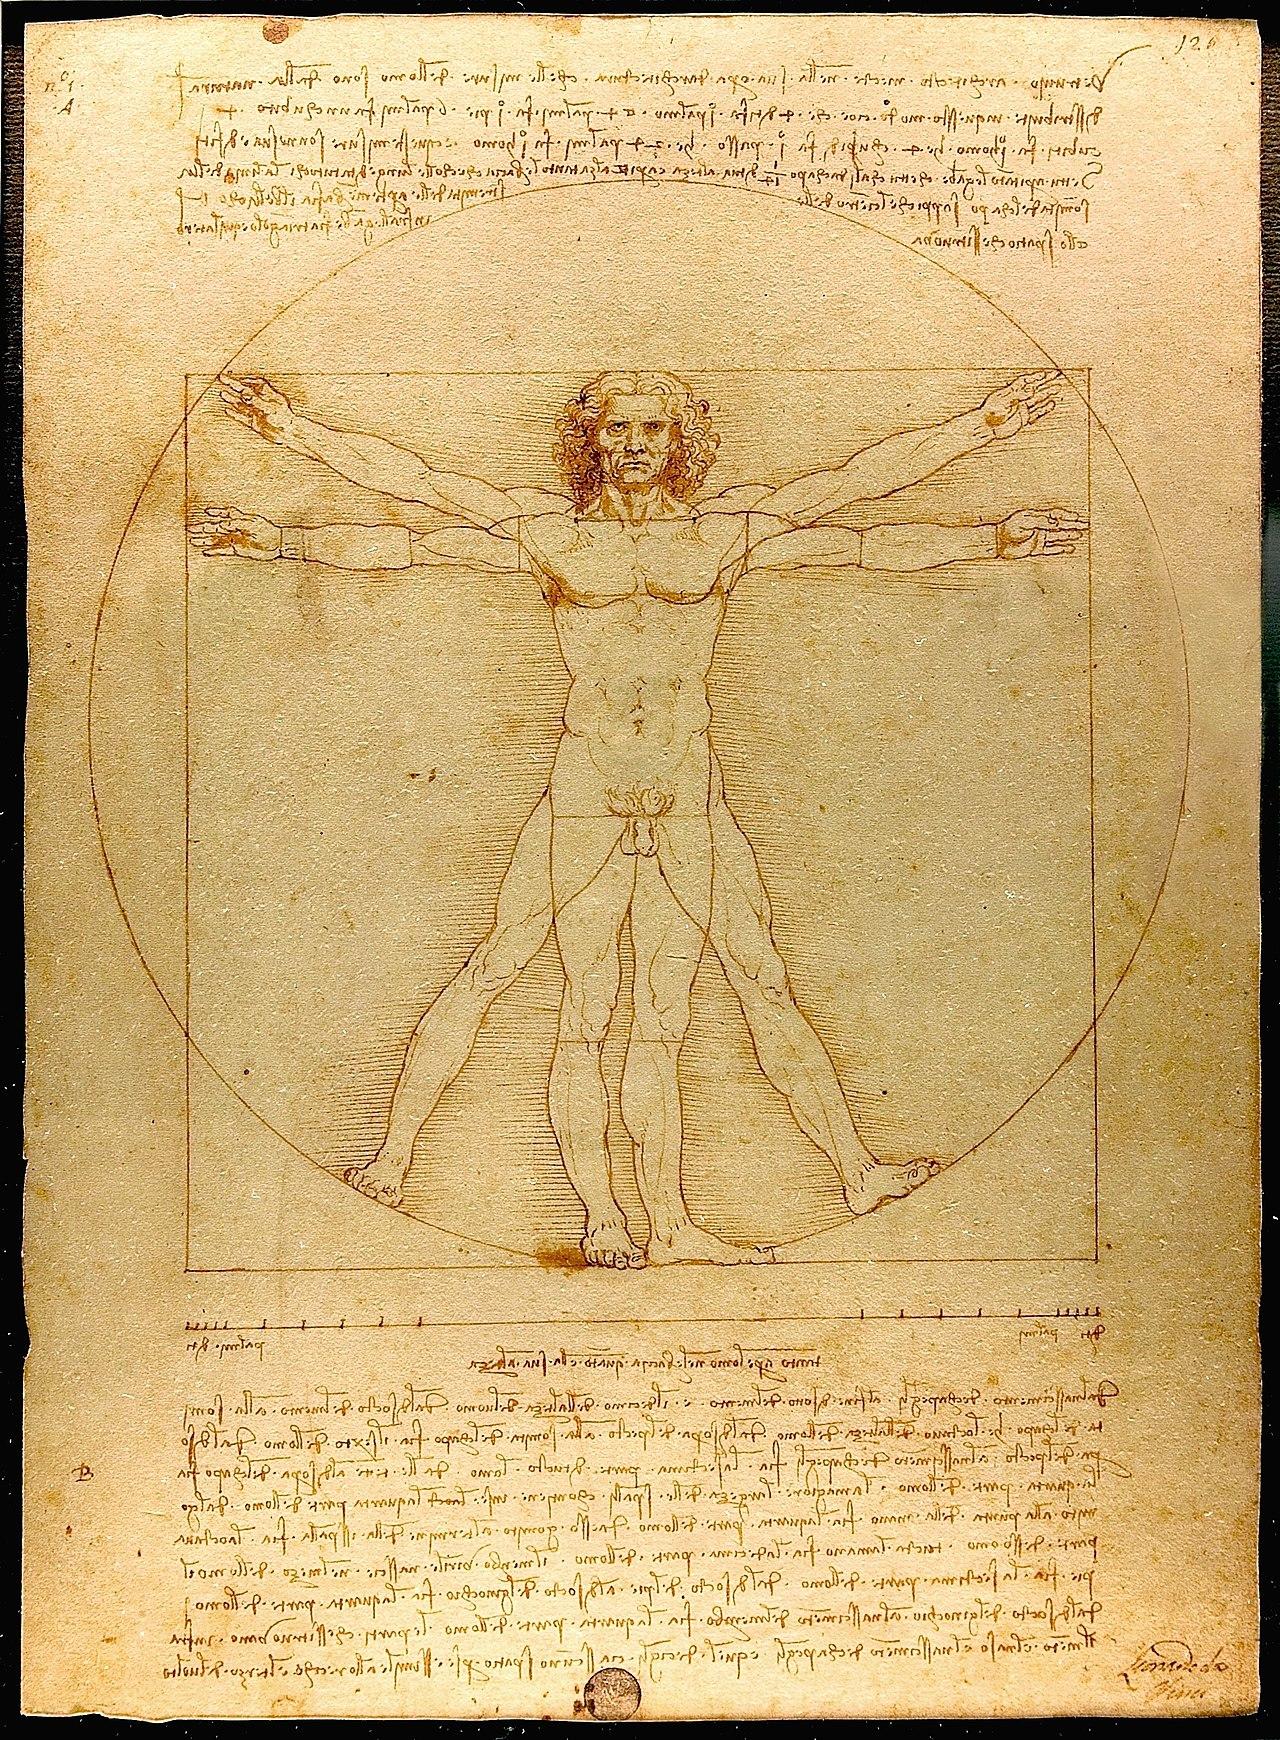 ダヴィンチと、潜在意識、阿頼耶識、そして瞑想法